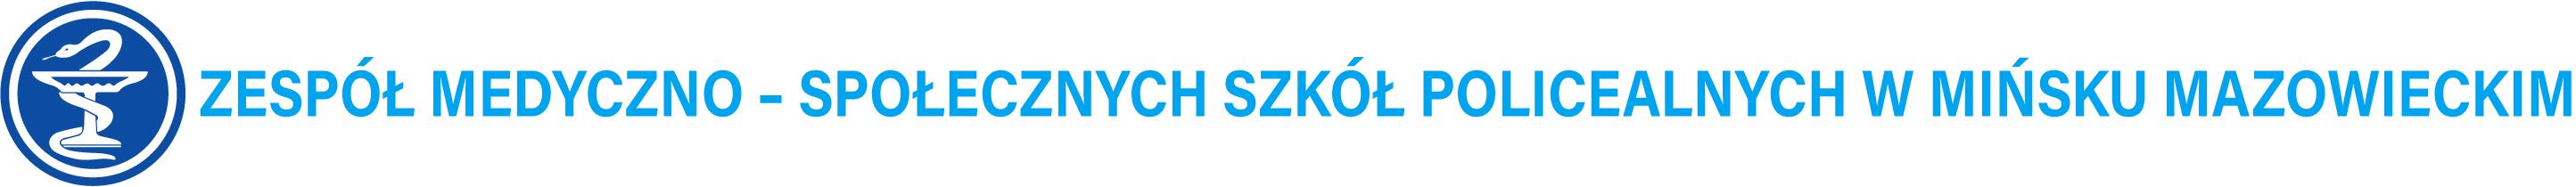 Zespół Medyczno – Społecznych Szkół Policealnych w Mińsku Mazowieckim